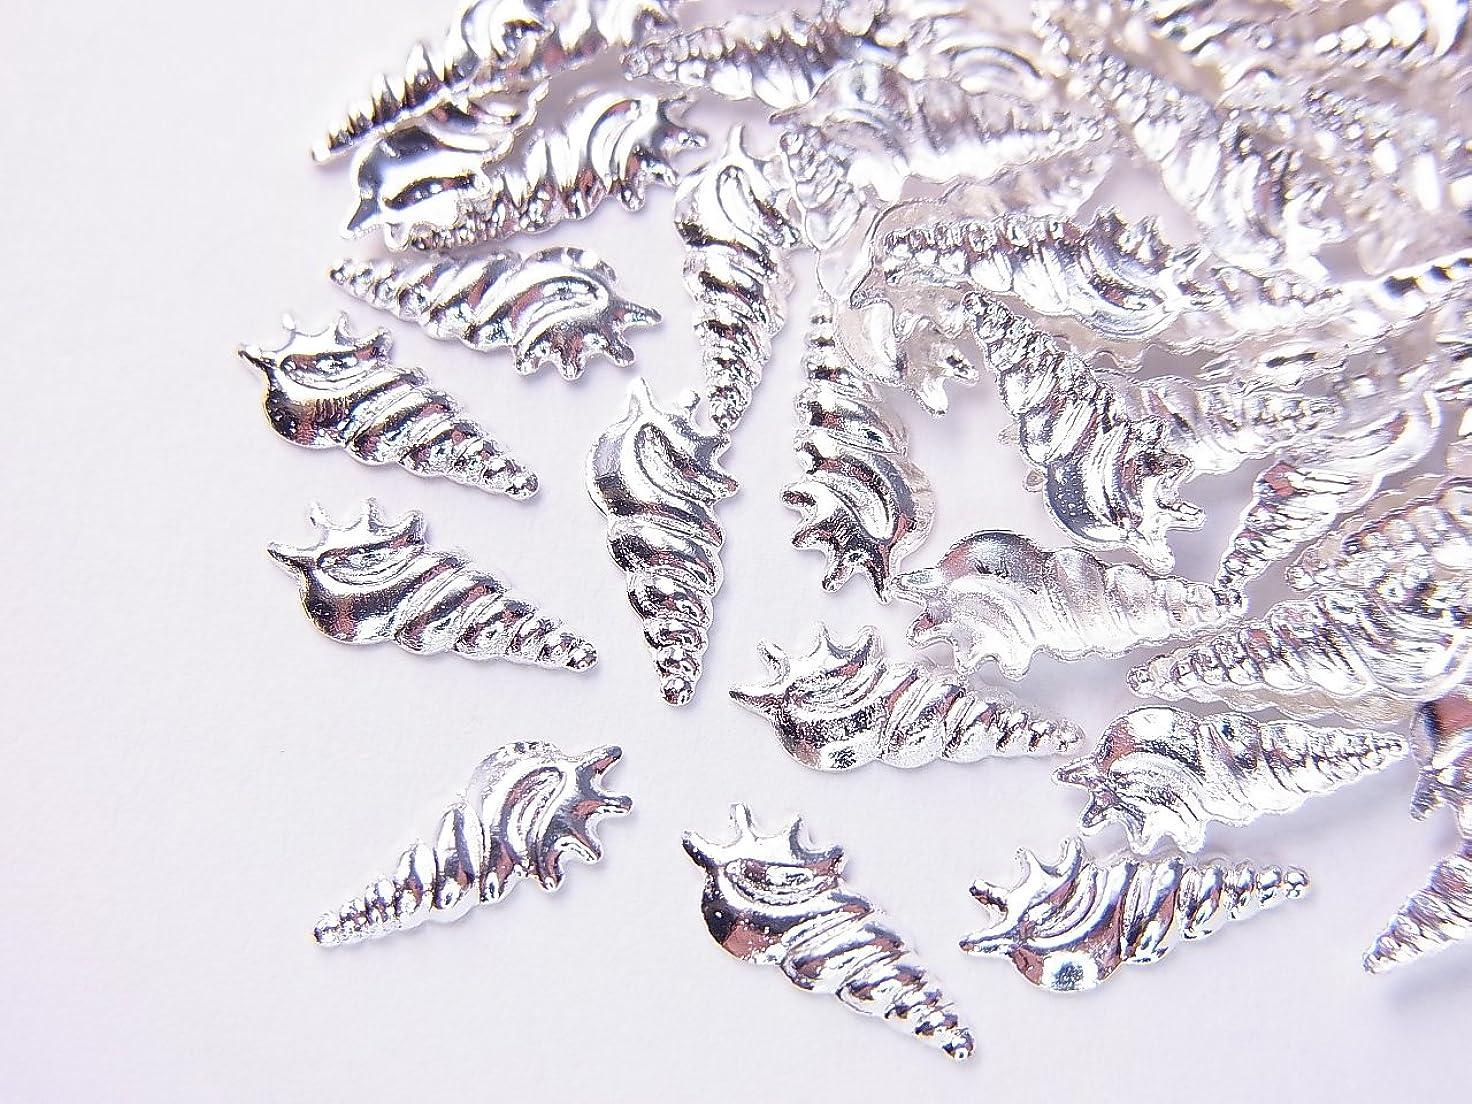 位置する酸化物どうやら【jewel】ネイルパーツ巻貝 (大) 10個入り 約8mm×3.2mm ツイストシェル シルバー 手芸 素材 アートパーツ デコ素材